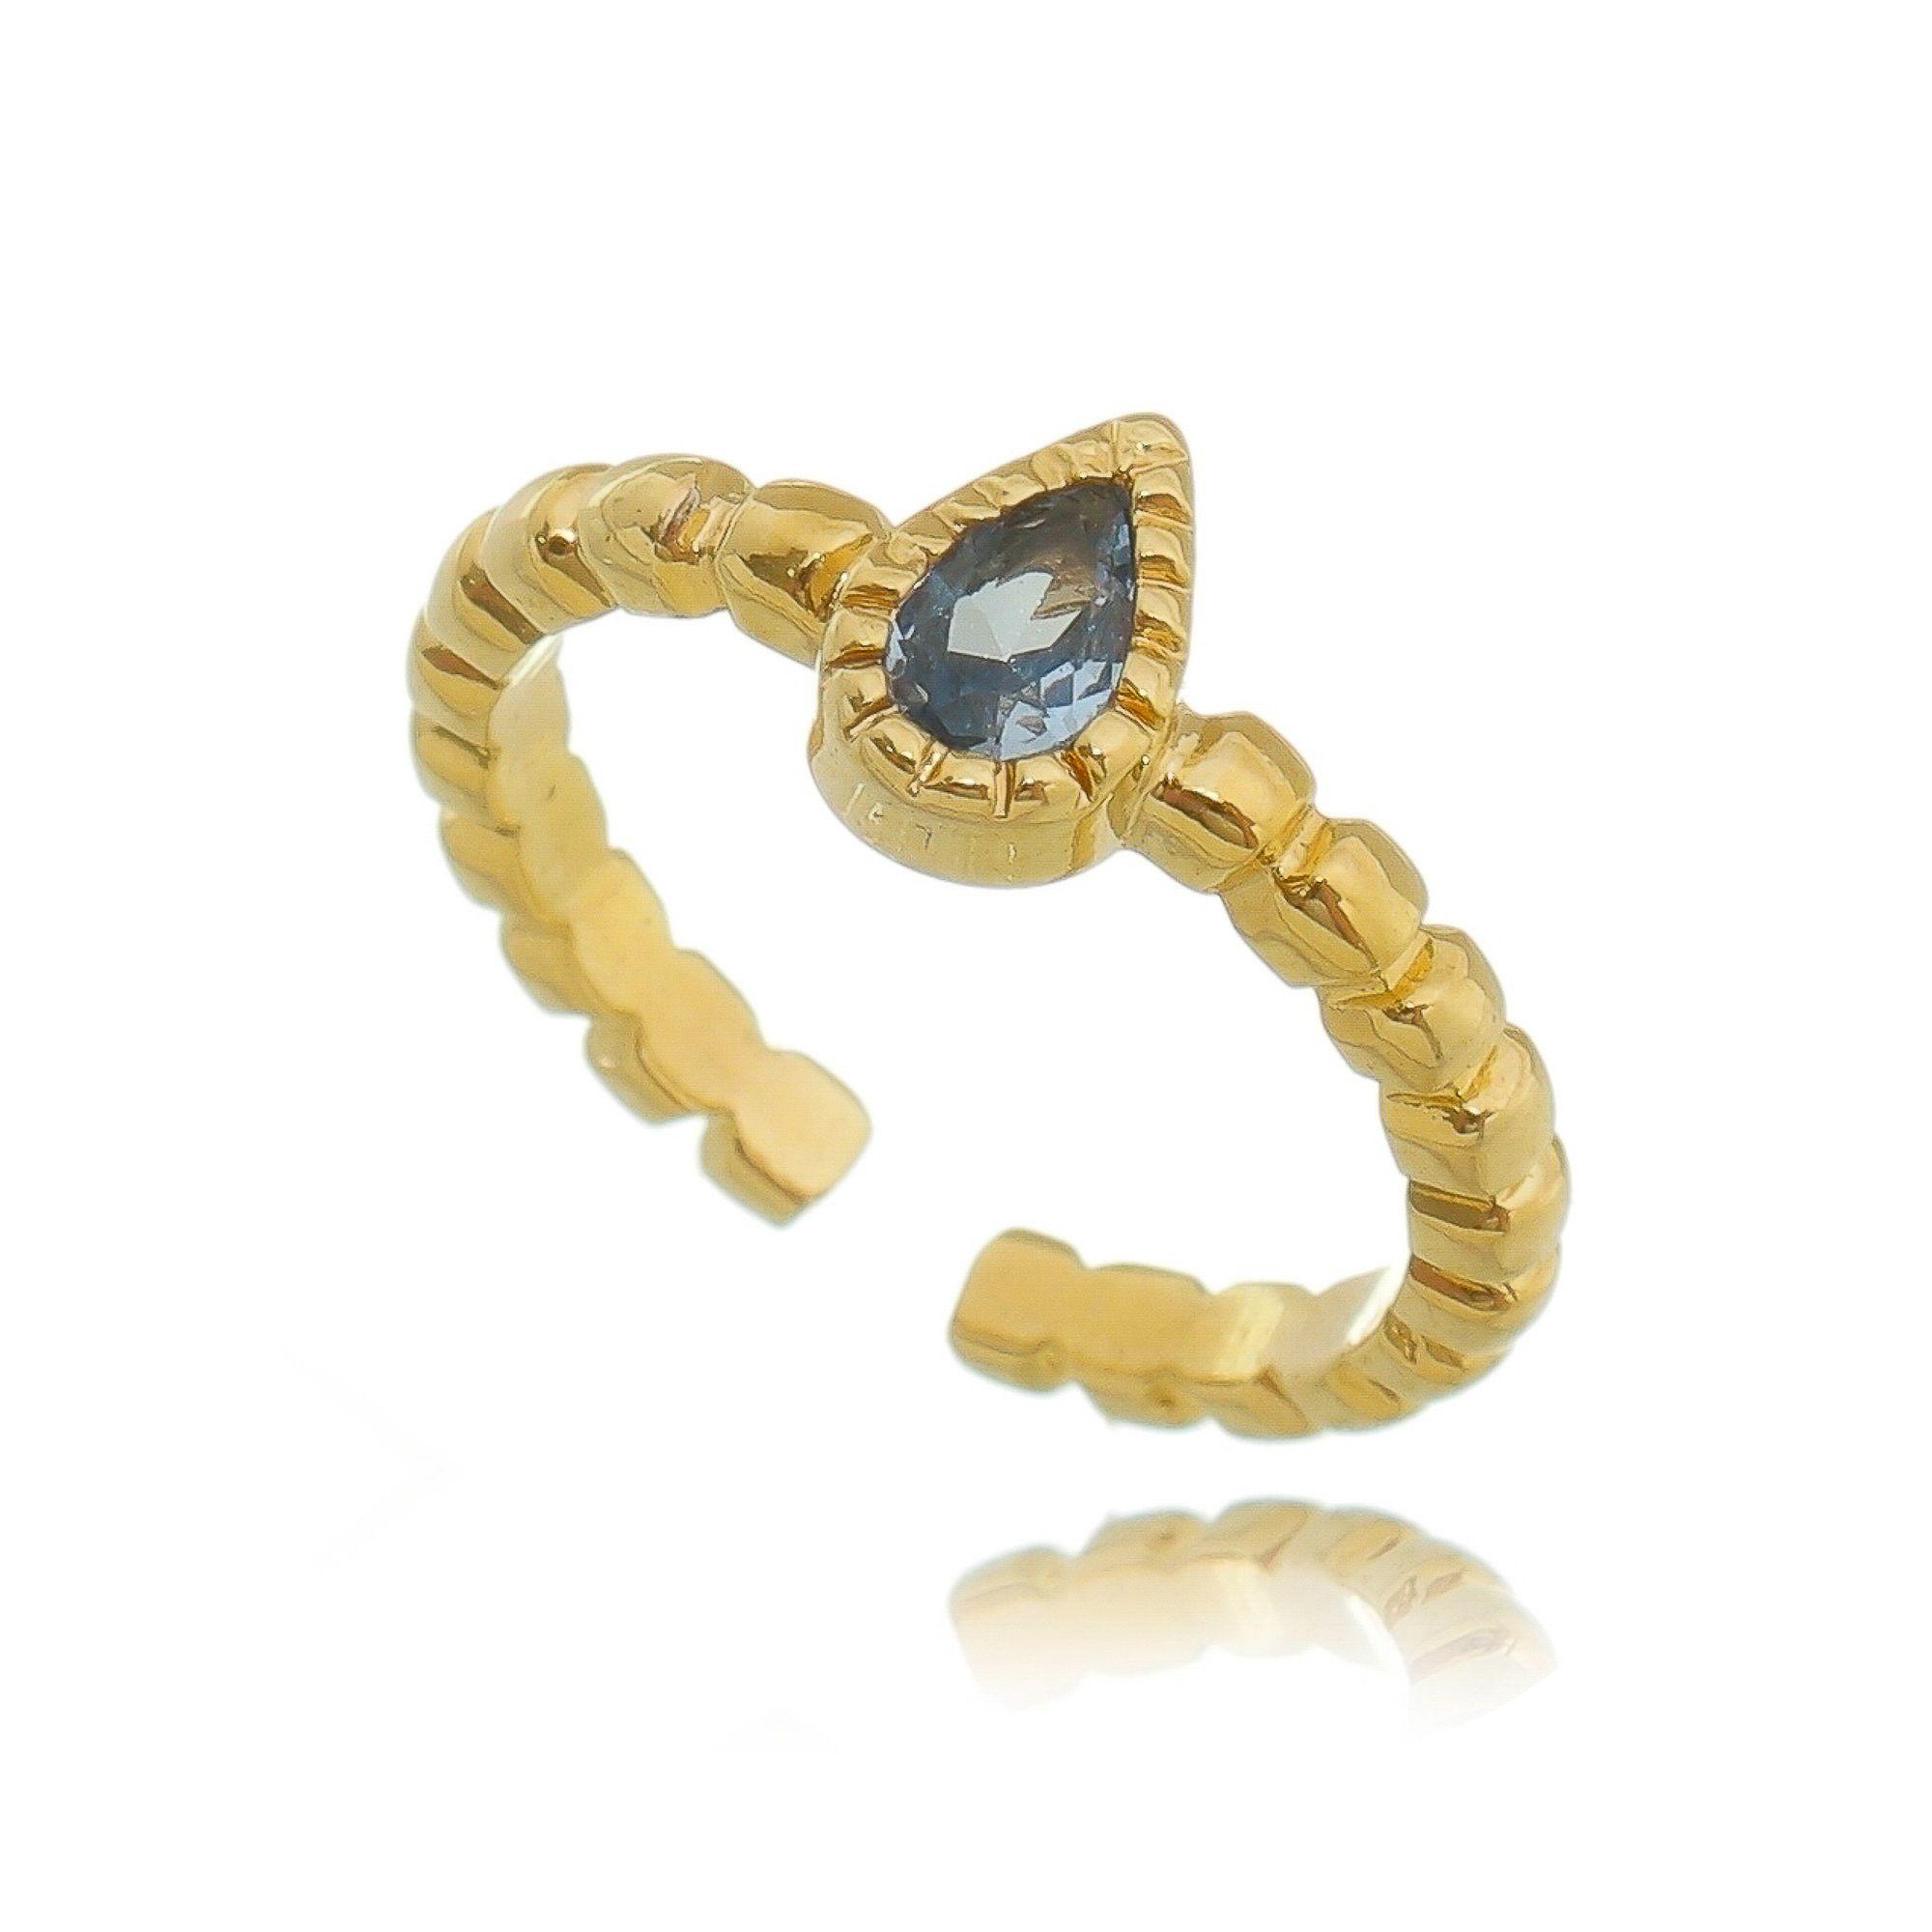 Anel Falange Ajustável  Gota de Cristal Turmalina Azul Semijoia em Ouro 18K  - Soloyou